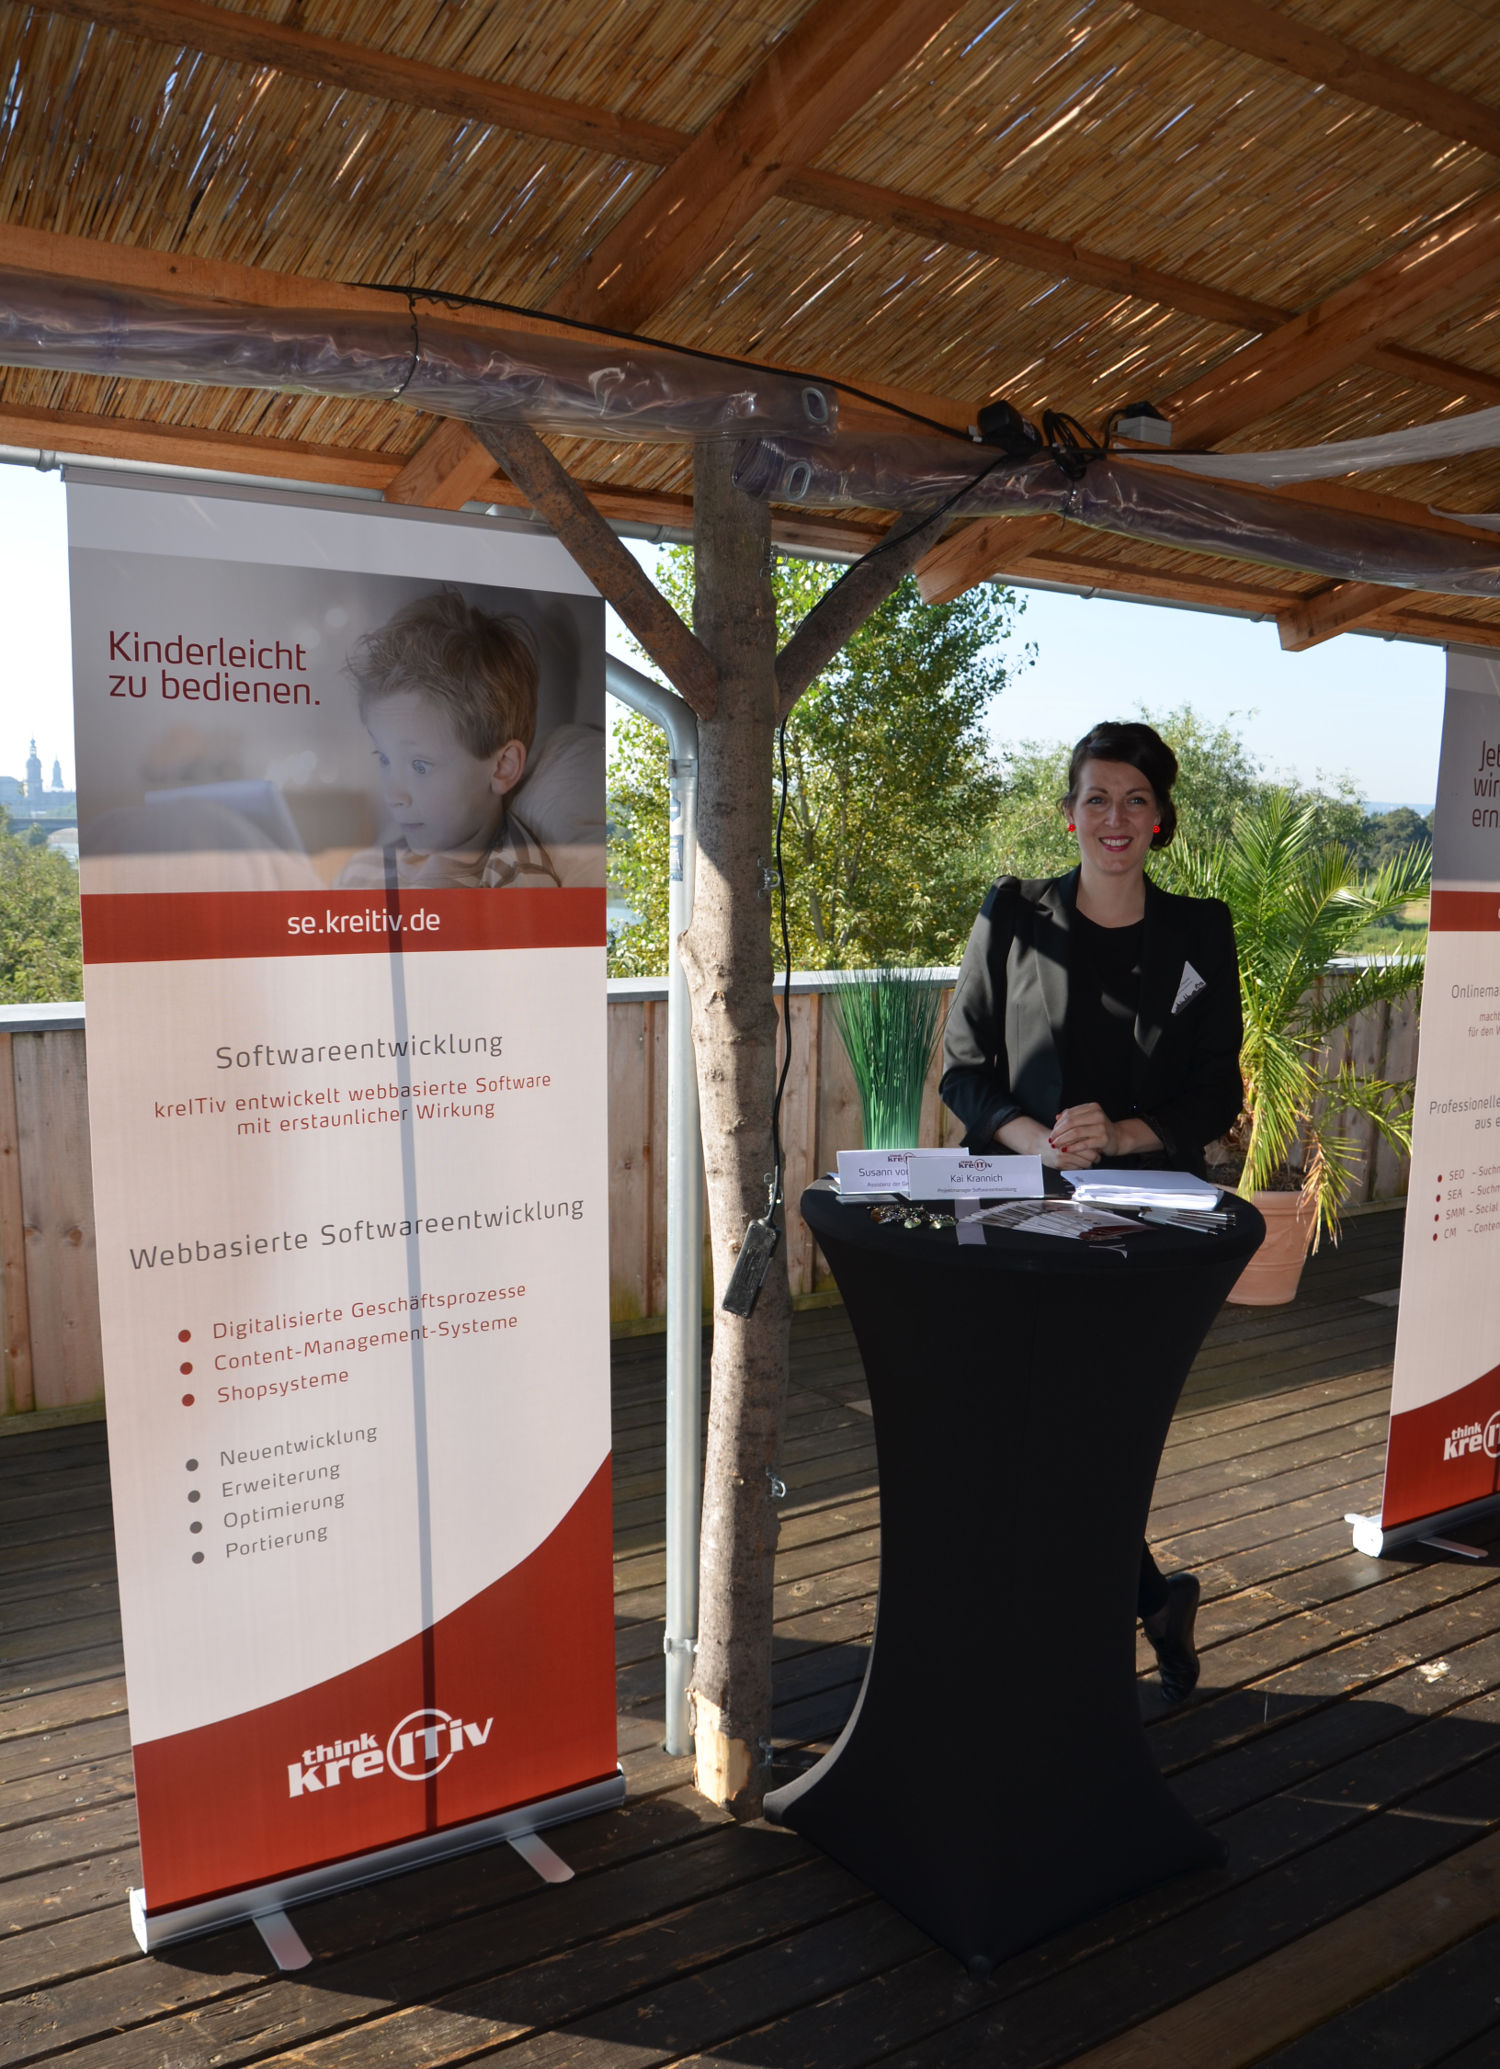 kreITiv Sommerevent 2016 Softwareentwicklung Stand